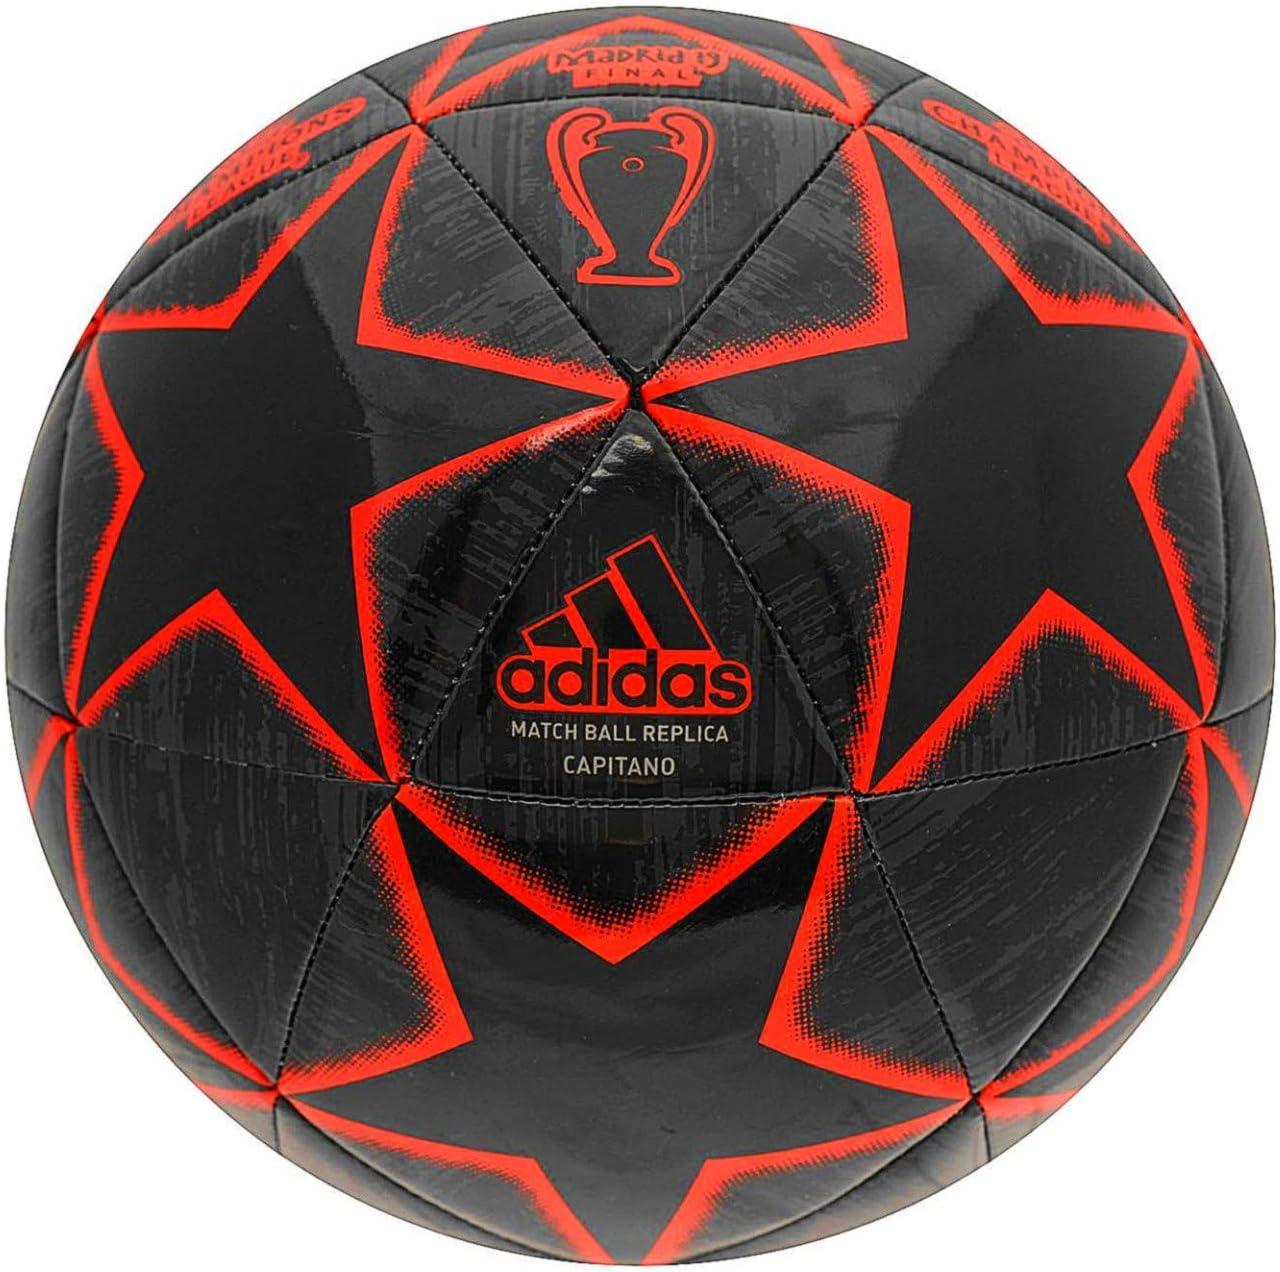 adidas Champions League 19 Balón de Fútbol, Hombre (Negro/Rojo/Final Champions League Madrid 2019) Tamaño 5: Amazon.es: Deportes y aire libre